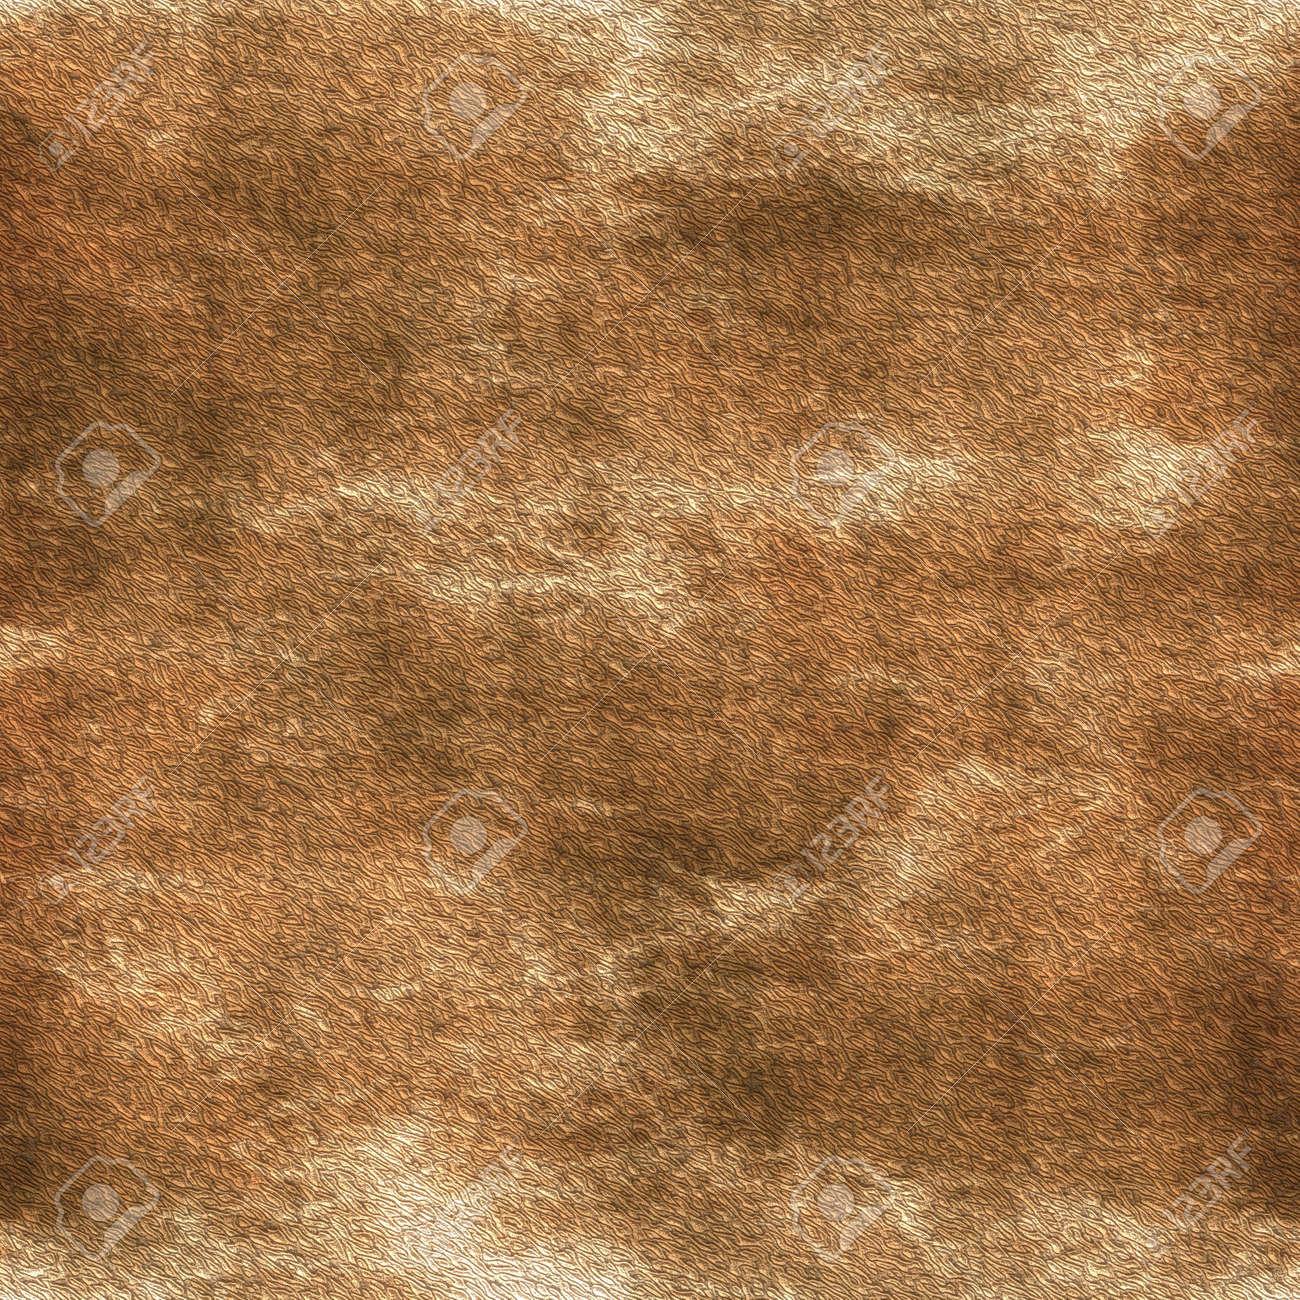 Kachel textur  Grunge Leder Textur, Kachel Wird Nahtlos Als Muster Lizenzfreie ...